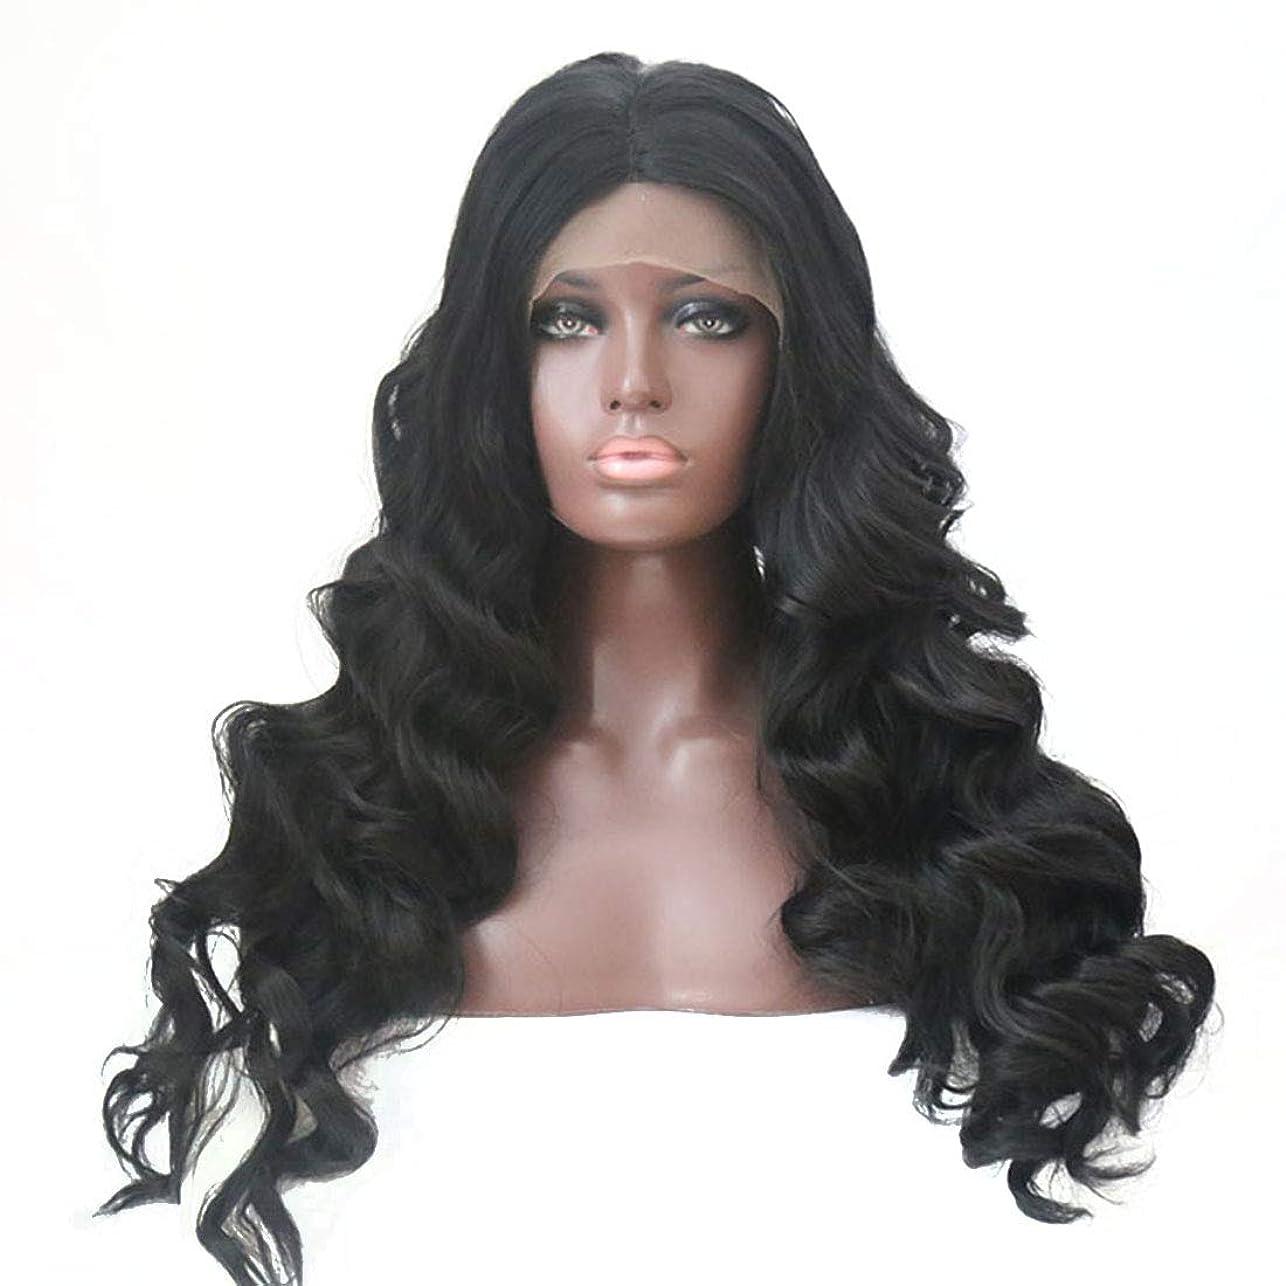 子サンダルあたたかいBOBIDYEE さん気質大きい波状の長い巻き毛のふわふわの黒のかつらフロントレースかつら合成髪のかつらロールプレイングかつら (色 : 黒, サイズ : 22 inches)